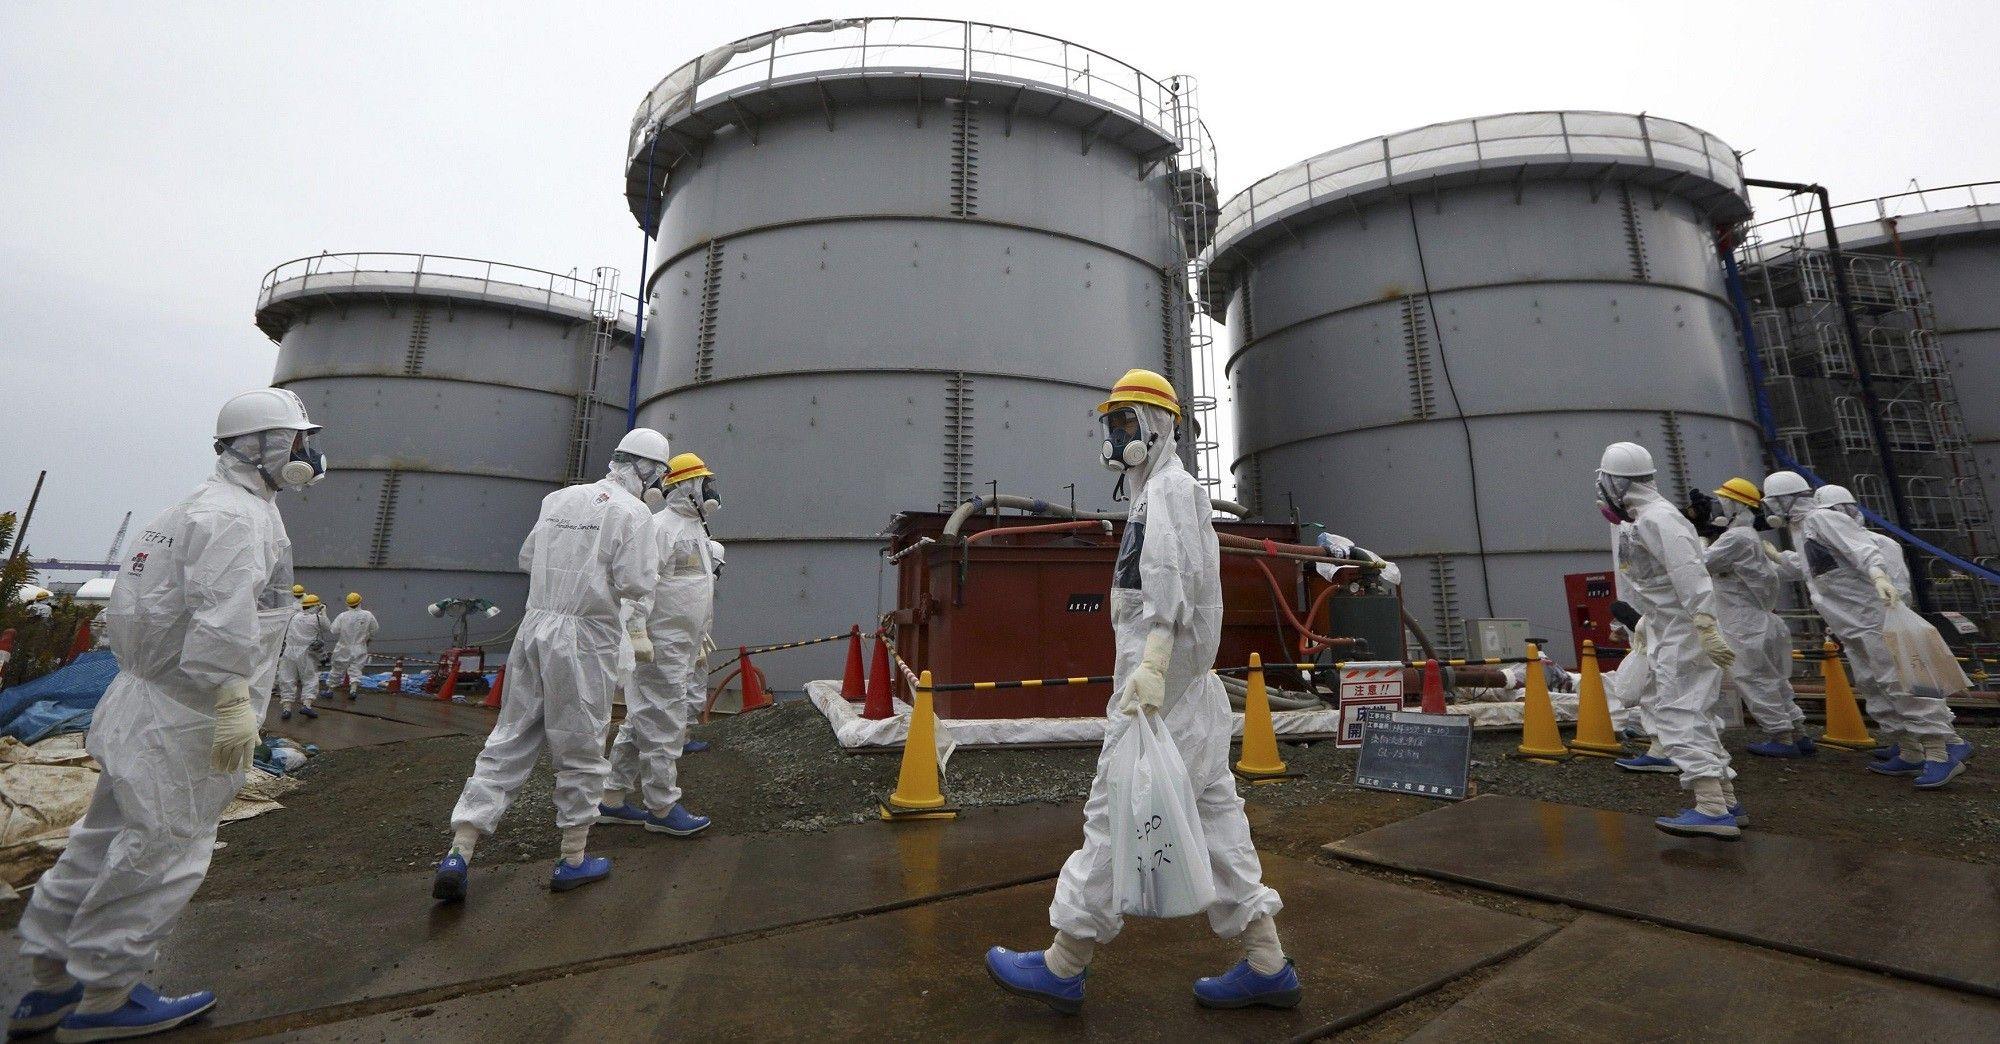 В Японии врачи отслеживают состояние людей, которыеподверглись радионуклидному загрязнению / фото REUTERS